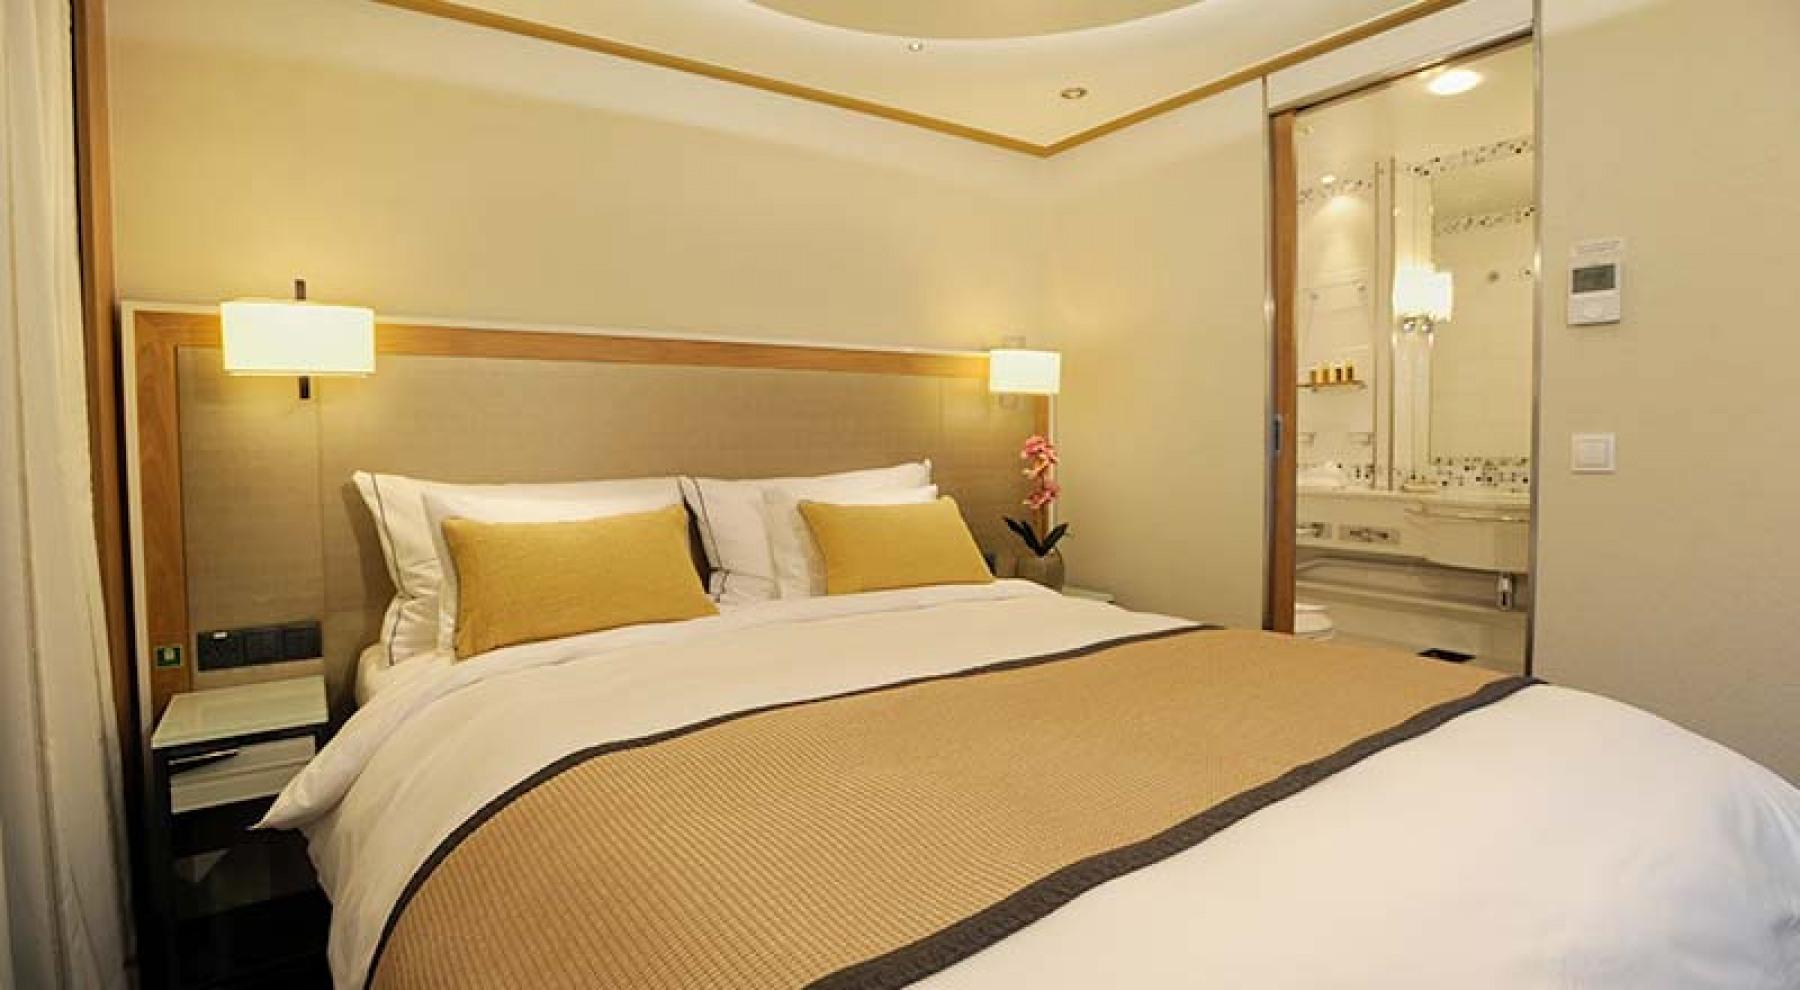 Viking River Cruises - Freya - Accommodation - Veranda Suite - Photo 2.jpg